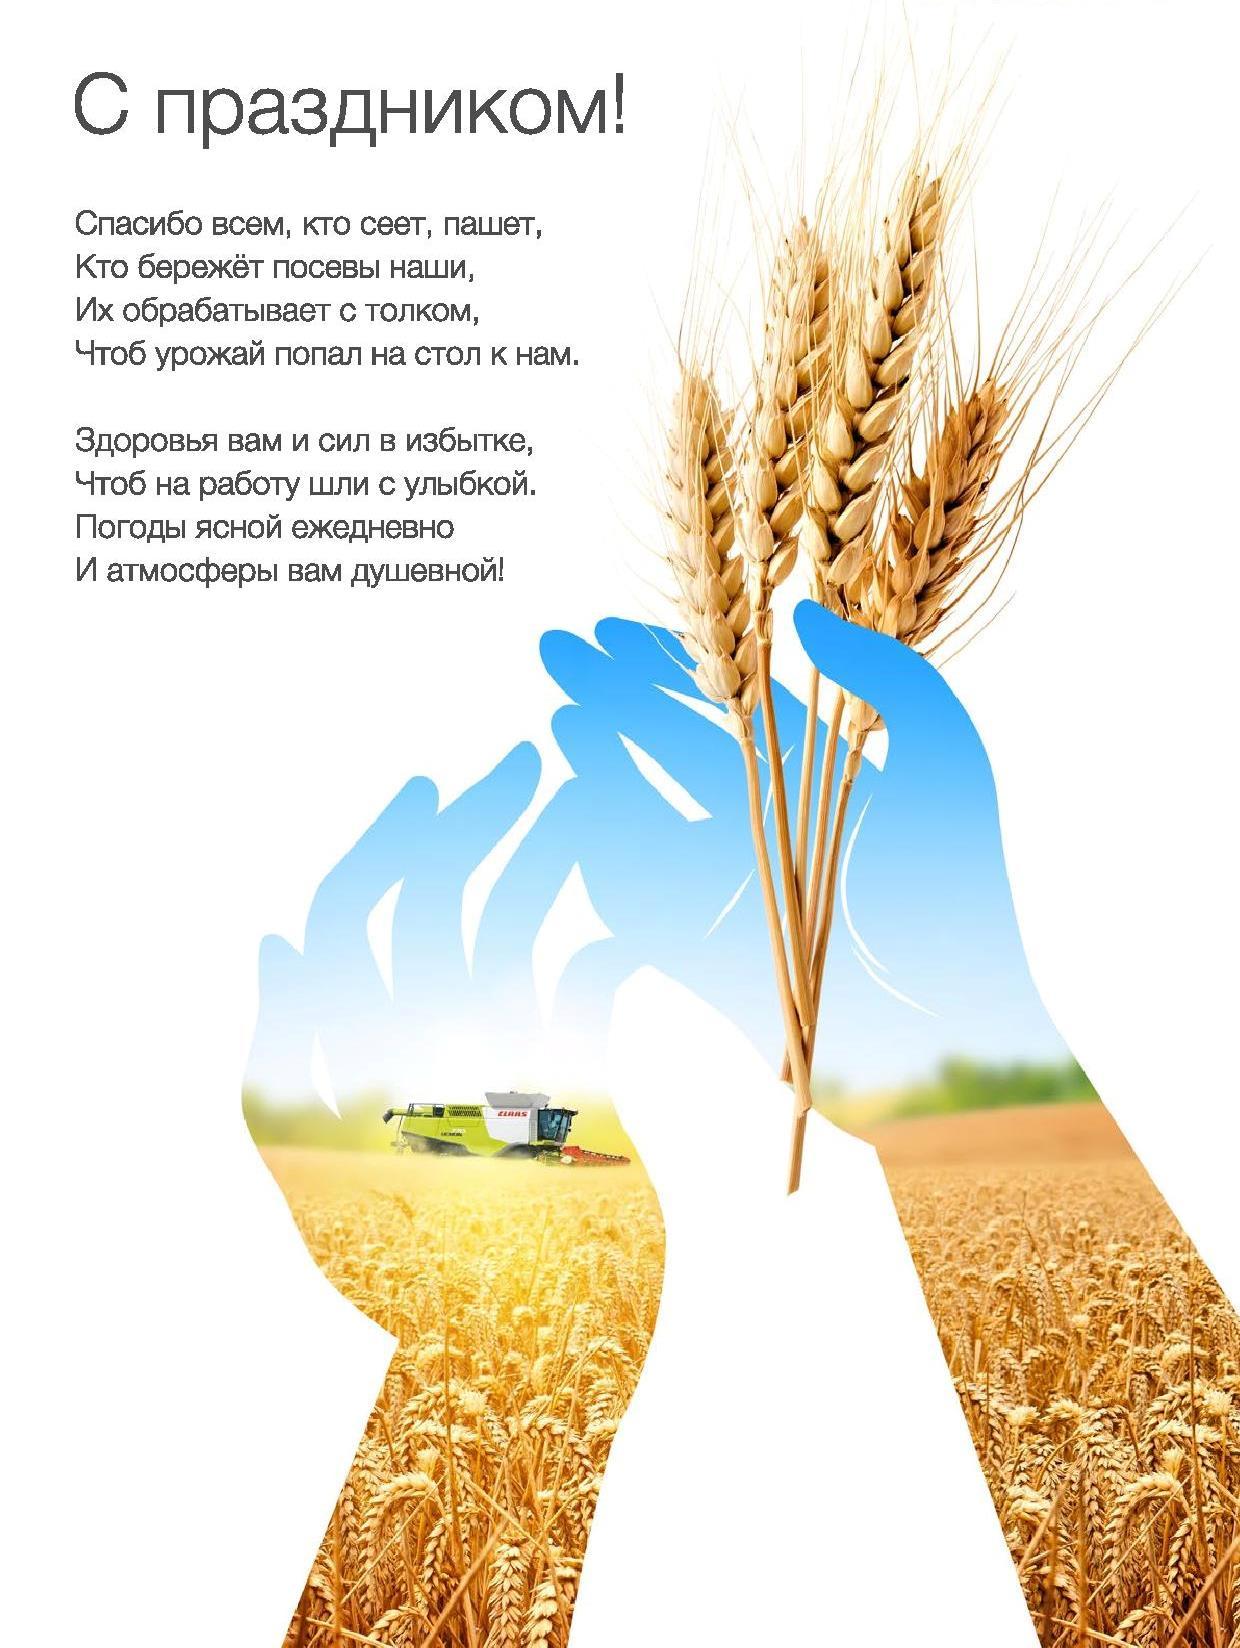 Открытка с поздравлением с днем сельского хозяйства, отправить открытки праздником